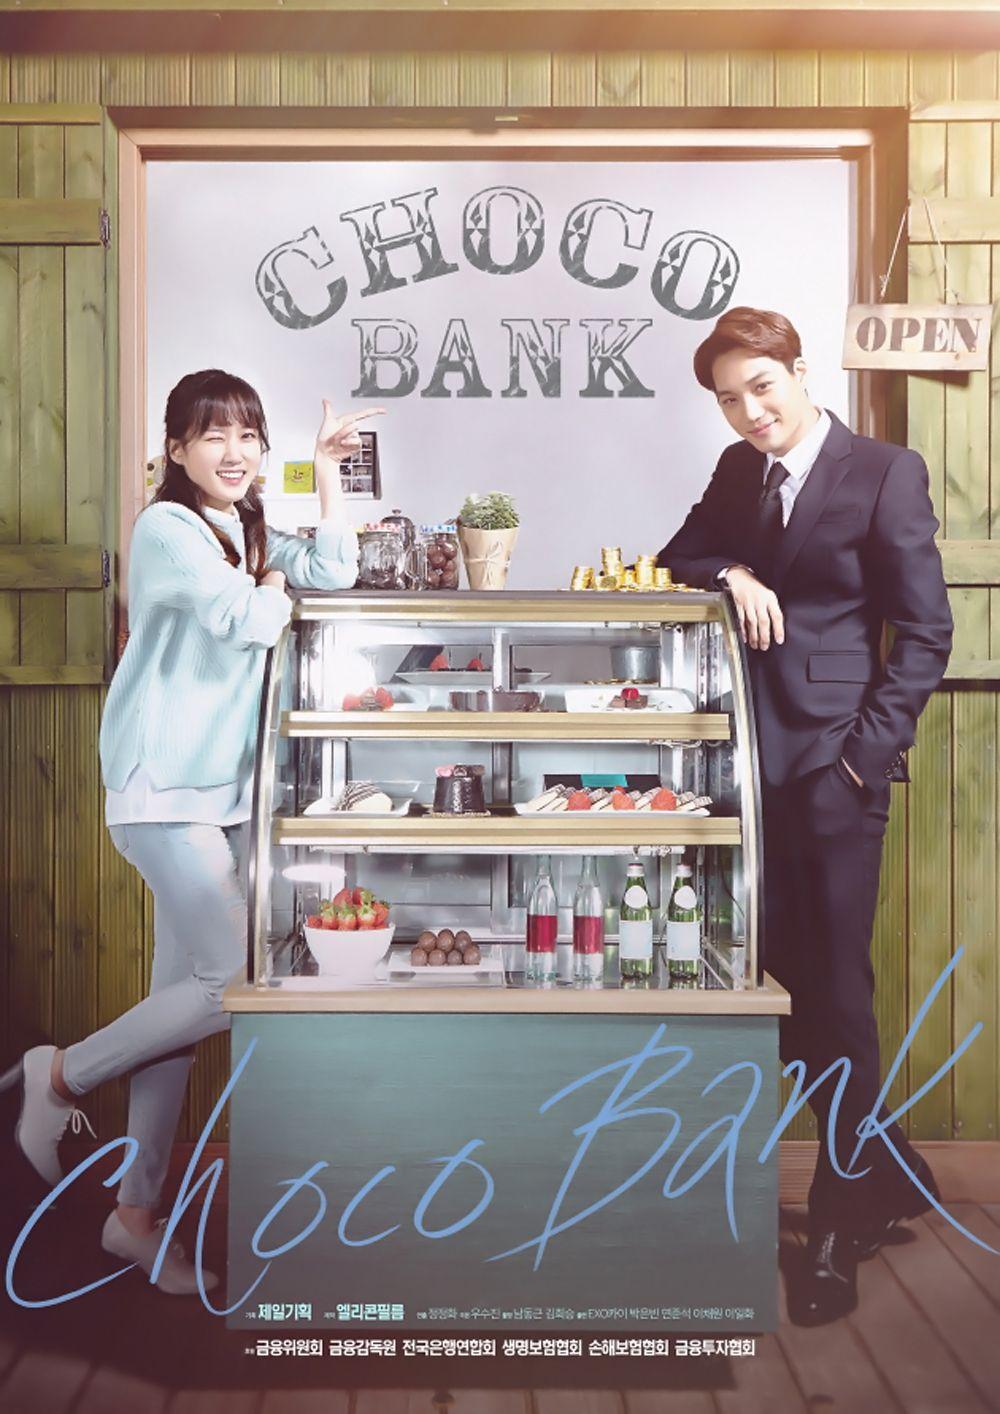 Choco Bank Korean Drama Kim Jong In Park Eun Bin Yun Joon Suk Drama Korea Film Biografi Drama